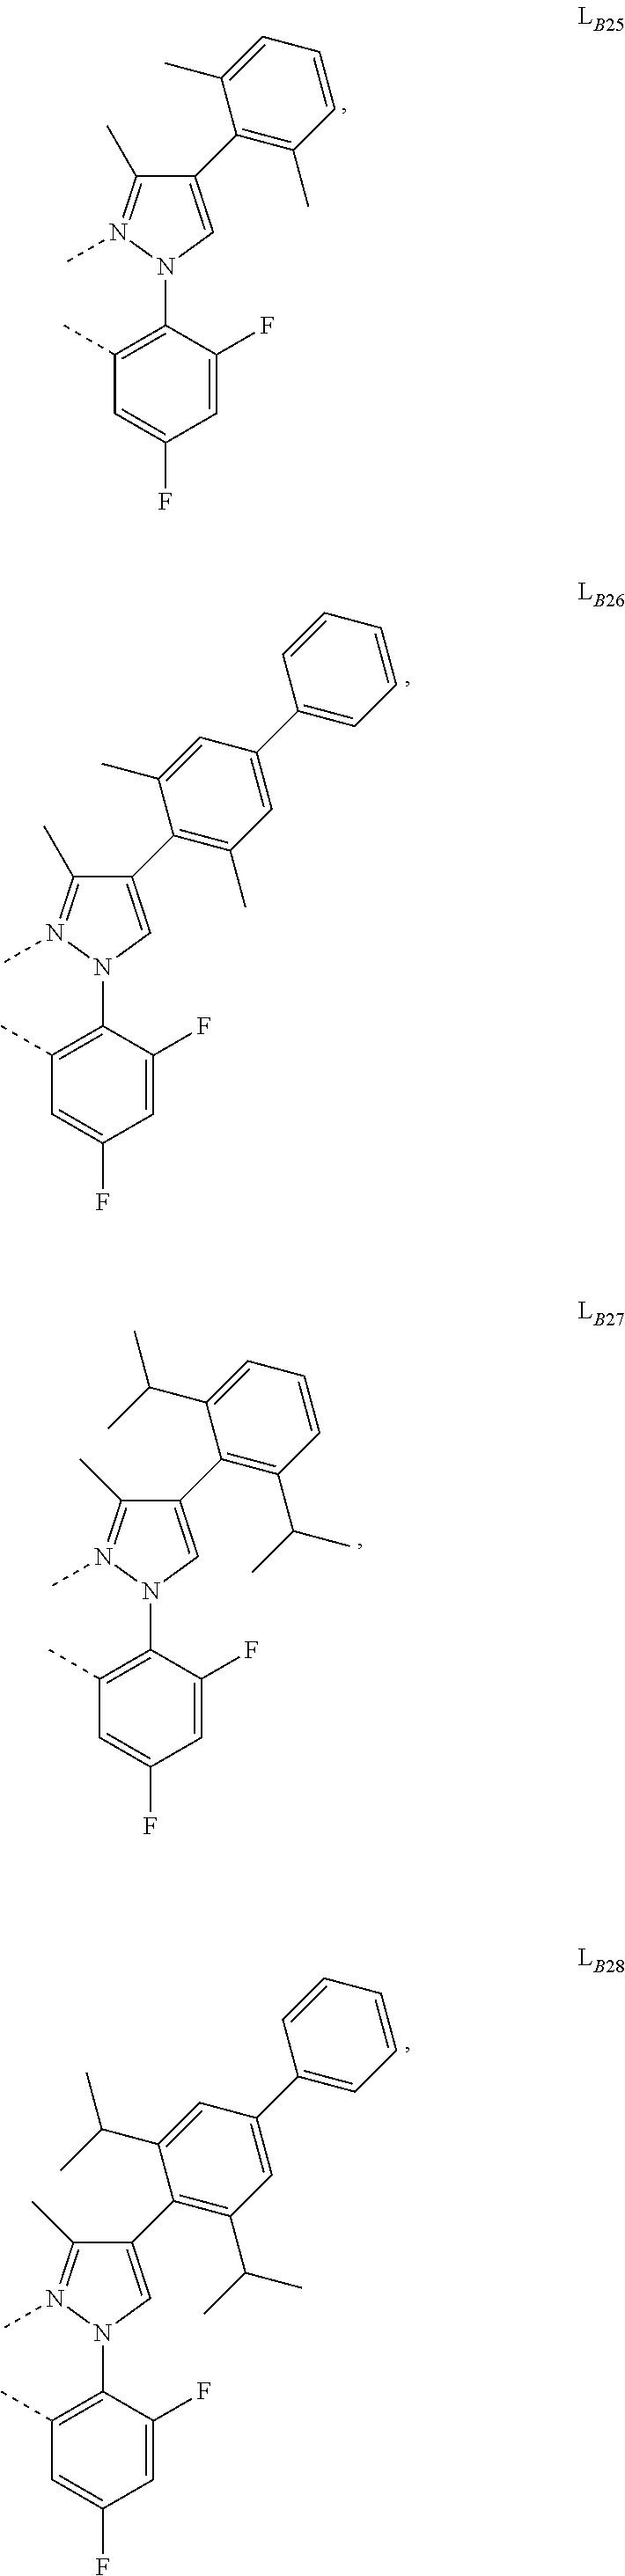 Figure US09905785-20180227-C00108